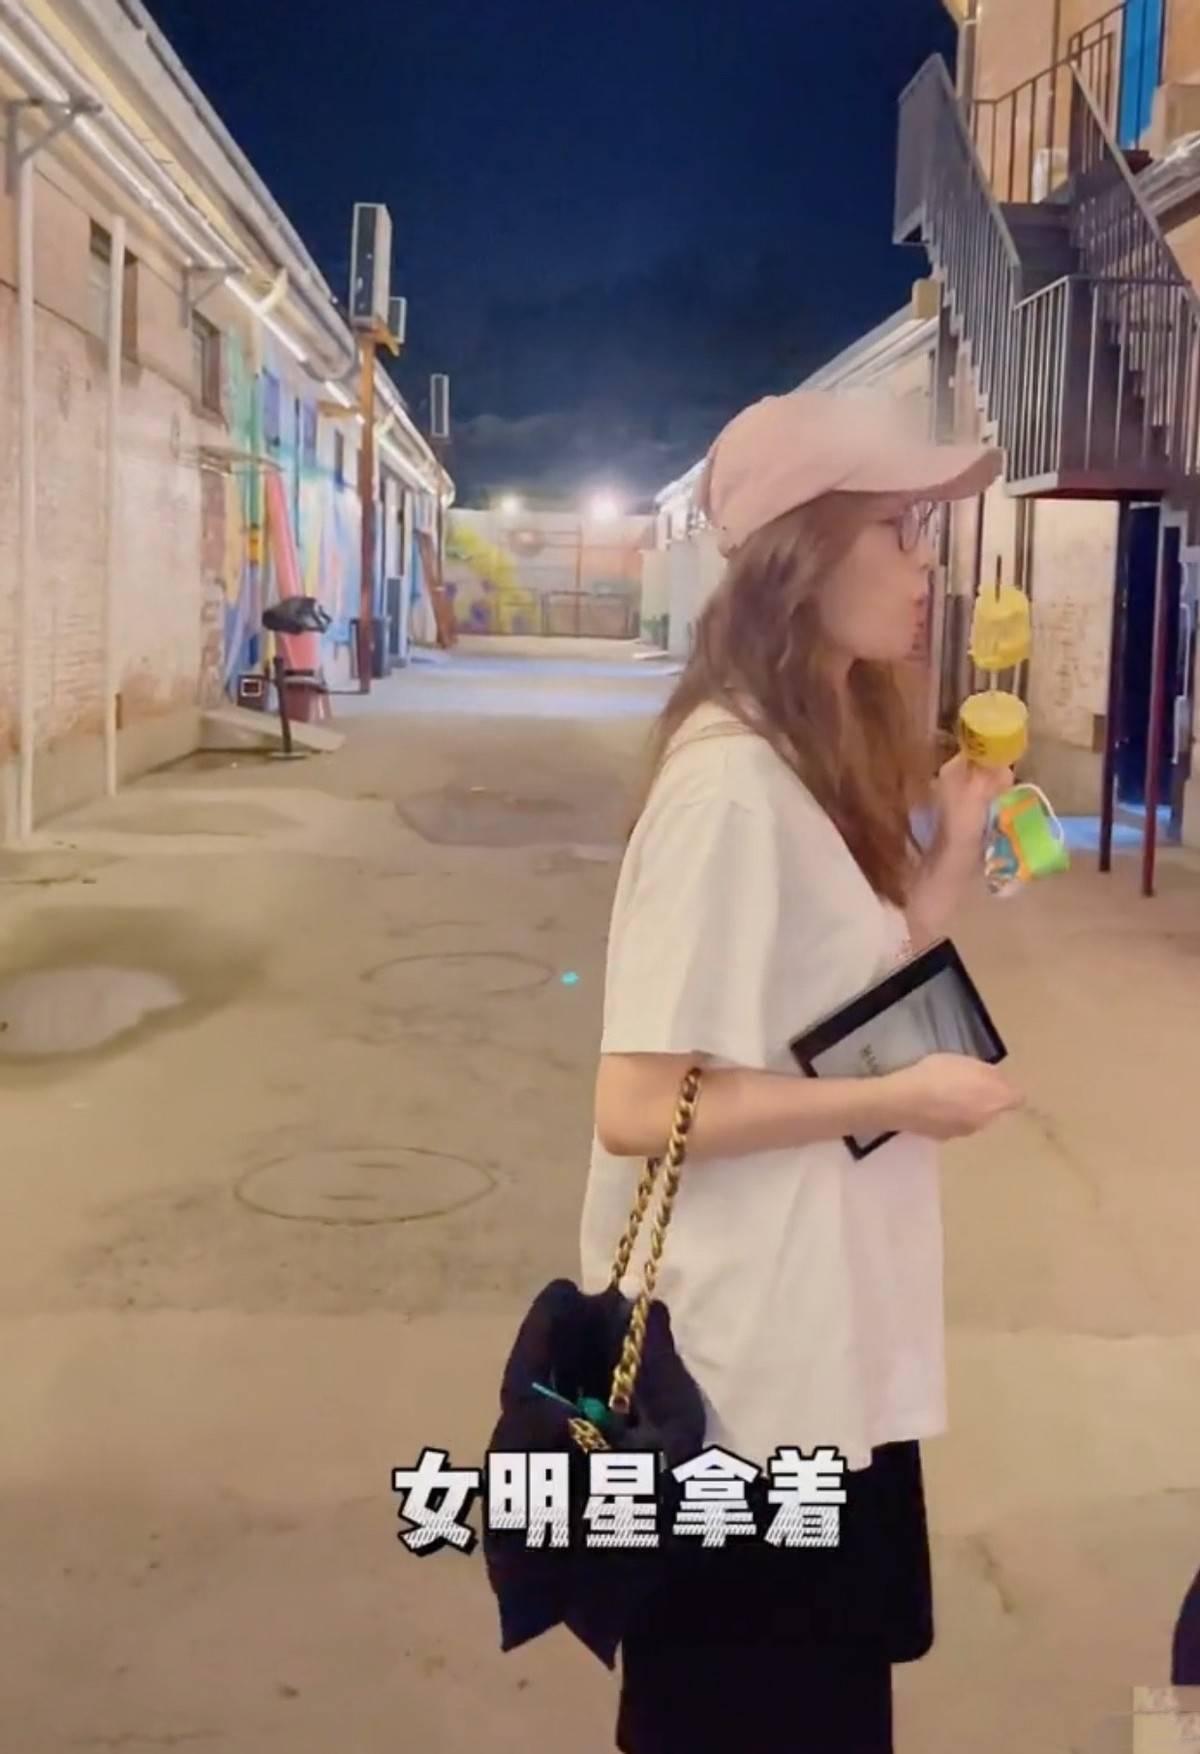 刘诗诗街头啃玉米没明星架子,穿着打扮好像邻家姐姐,不像孩子妈